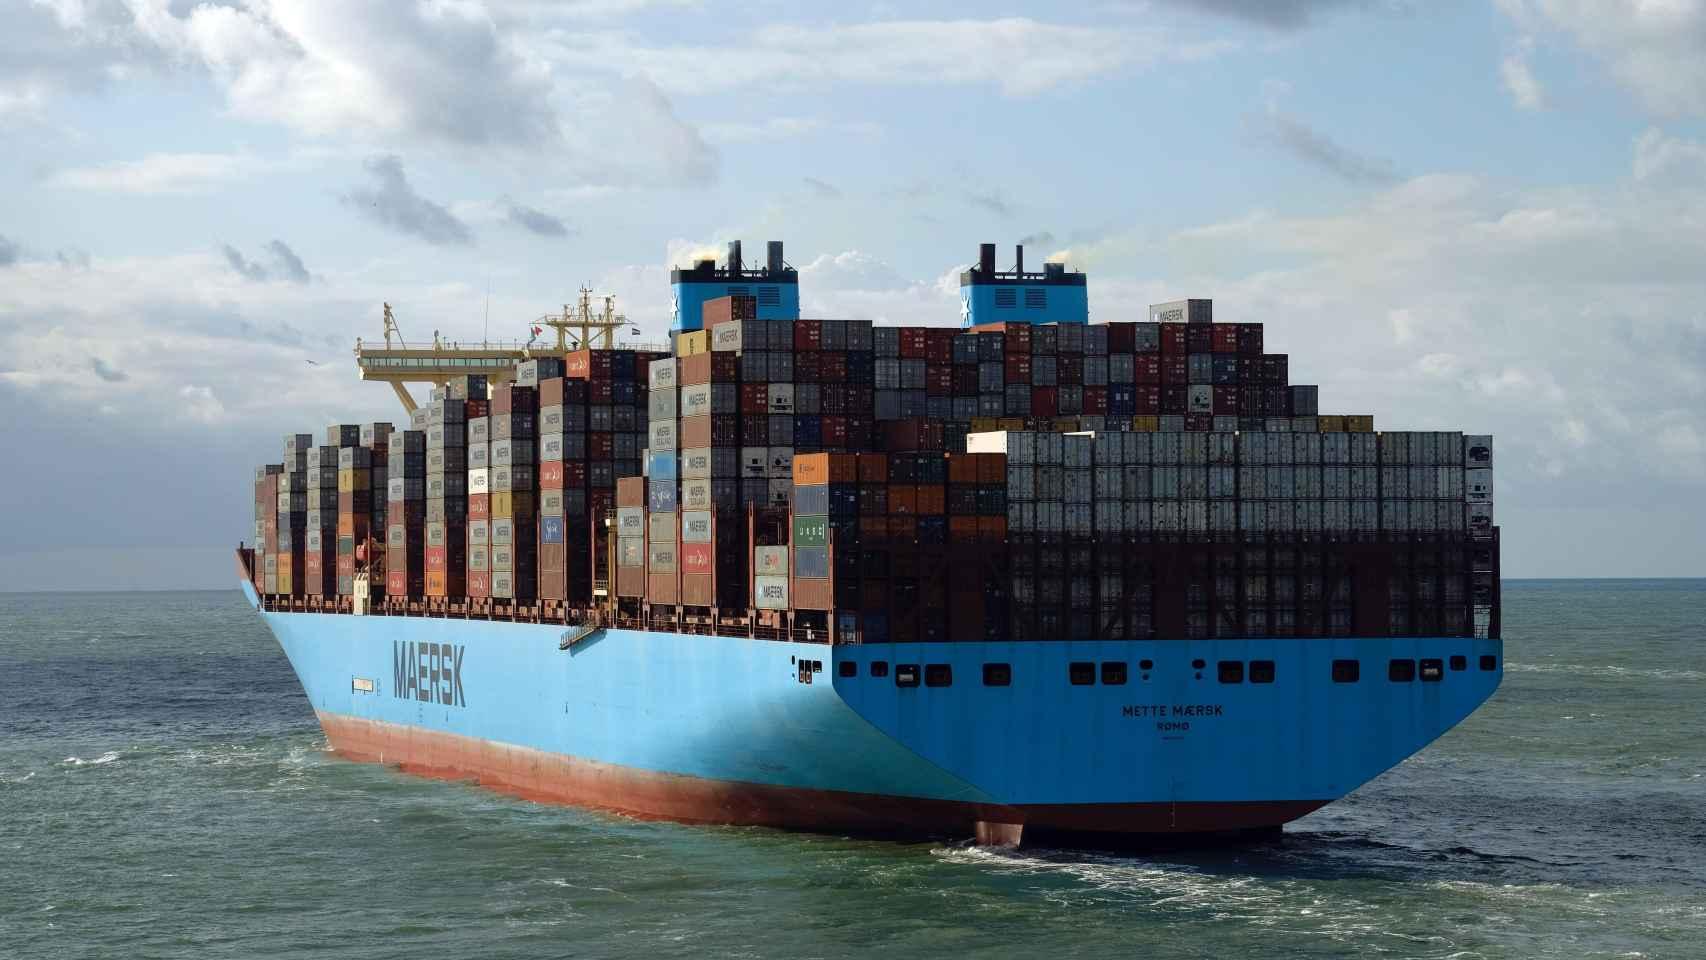 Uno de los buques de mercancías de la multinacional Maersk.